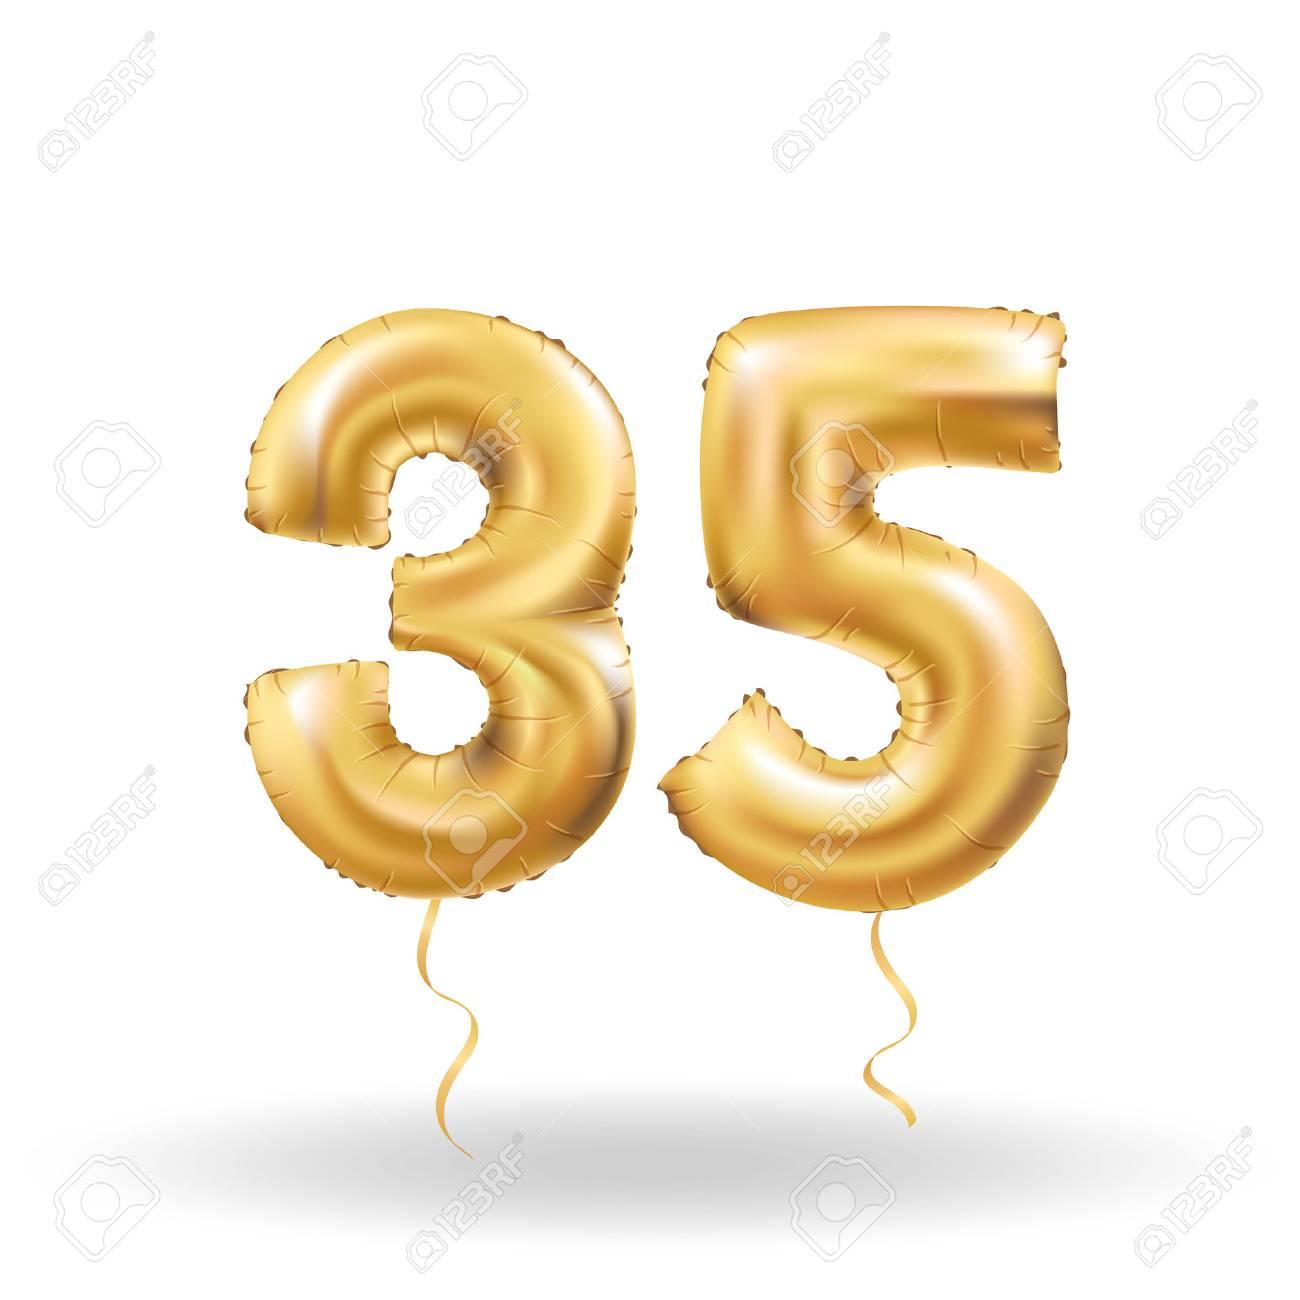 number thirty five metallic balloon - 74709962